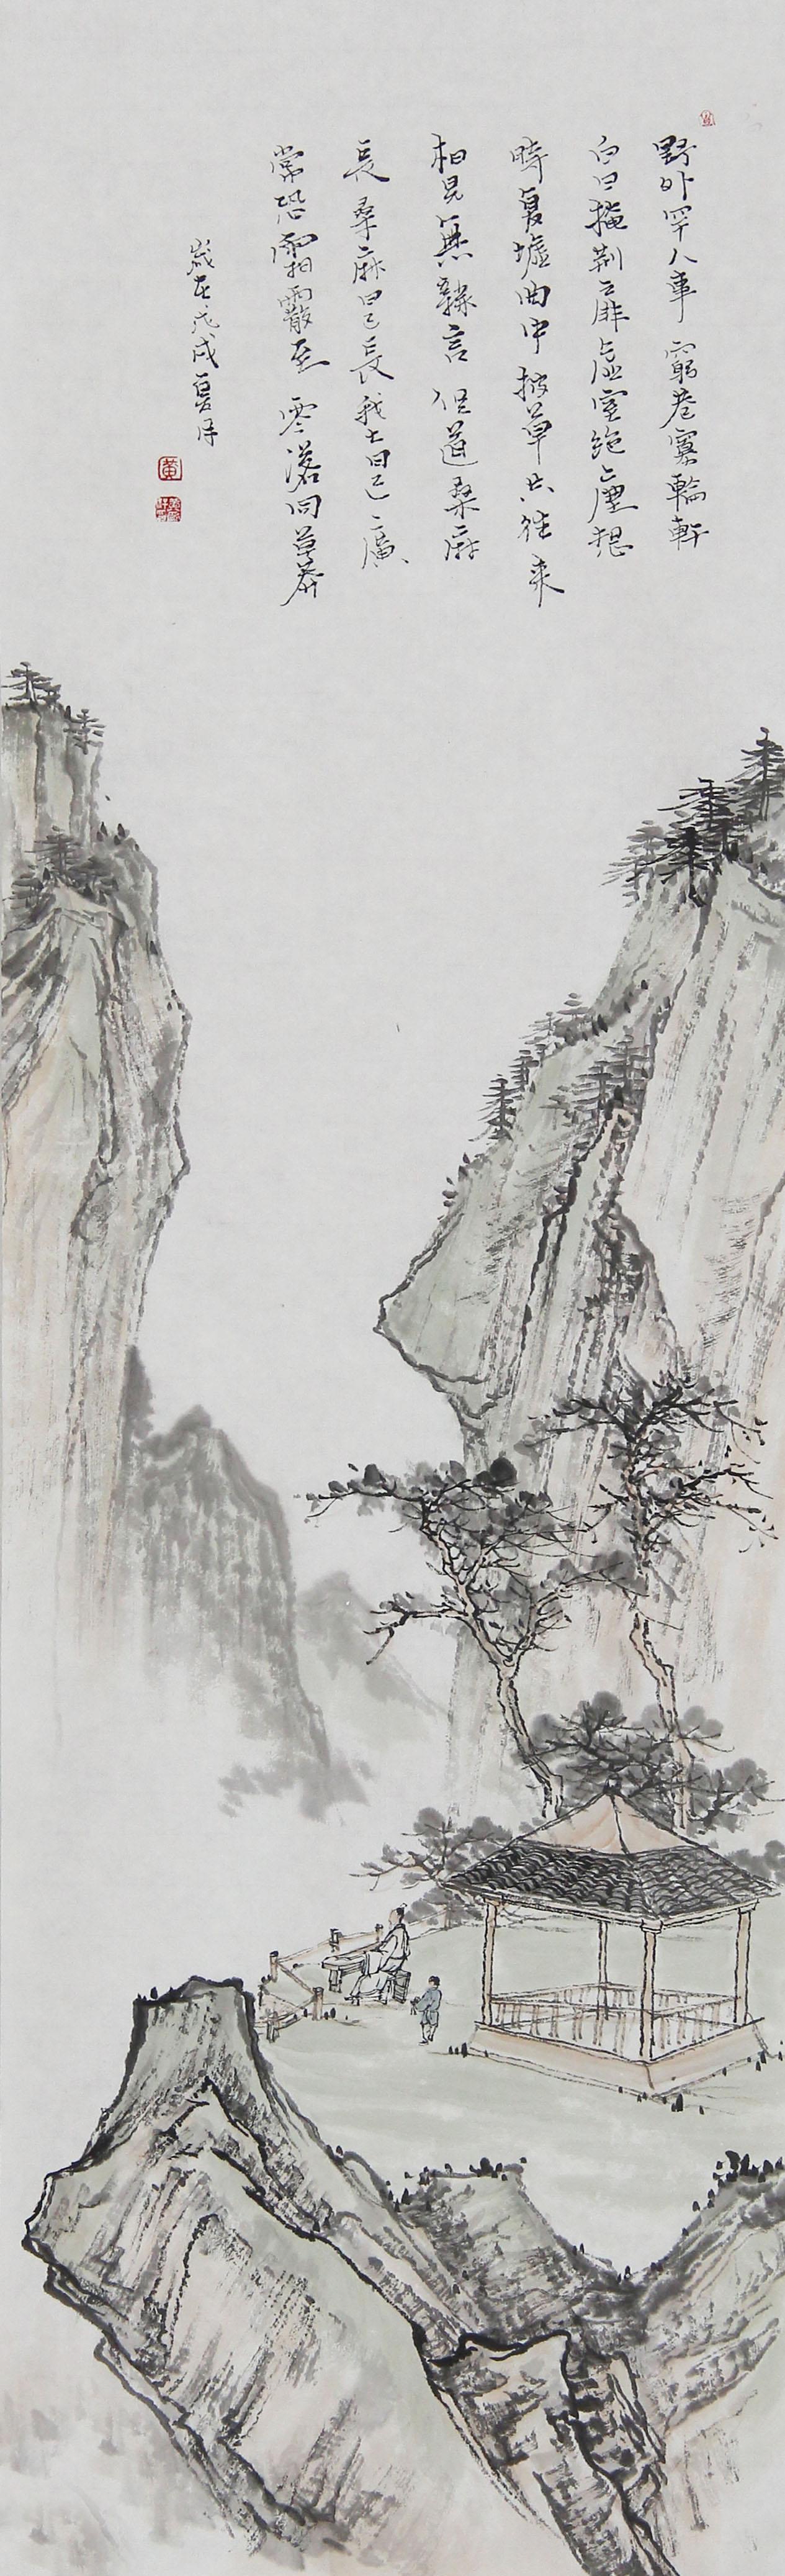 博宝·资讯 | 黄为好国画山水作品赏析:坚守传统,高古图片